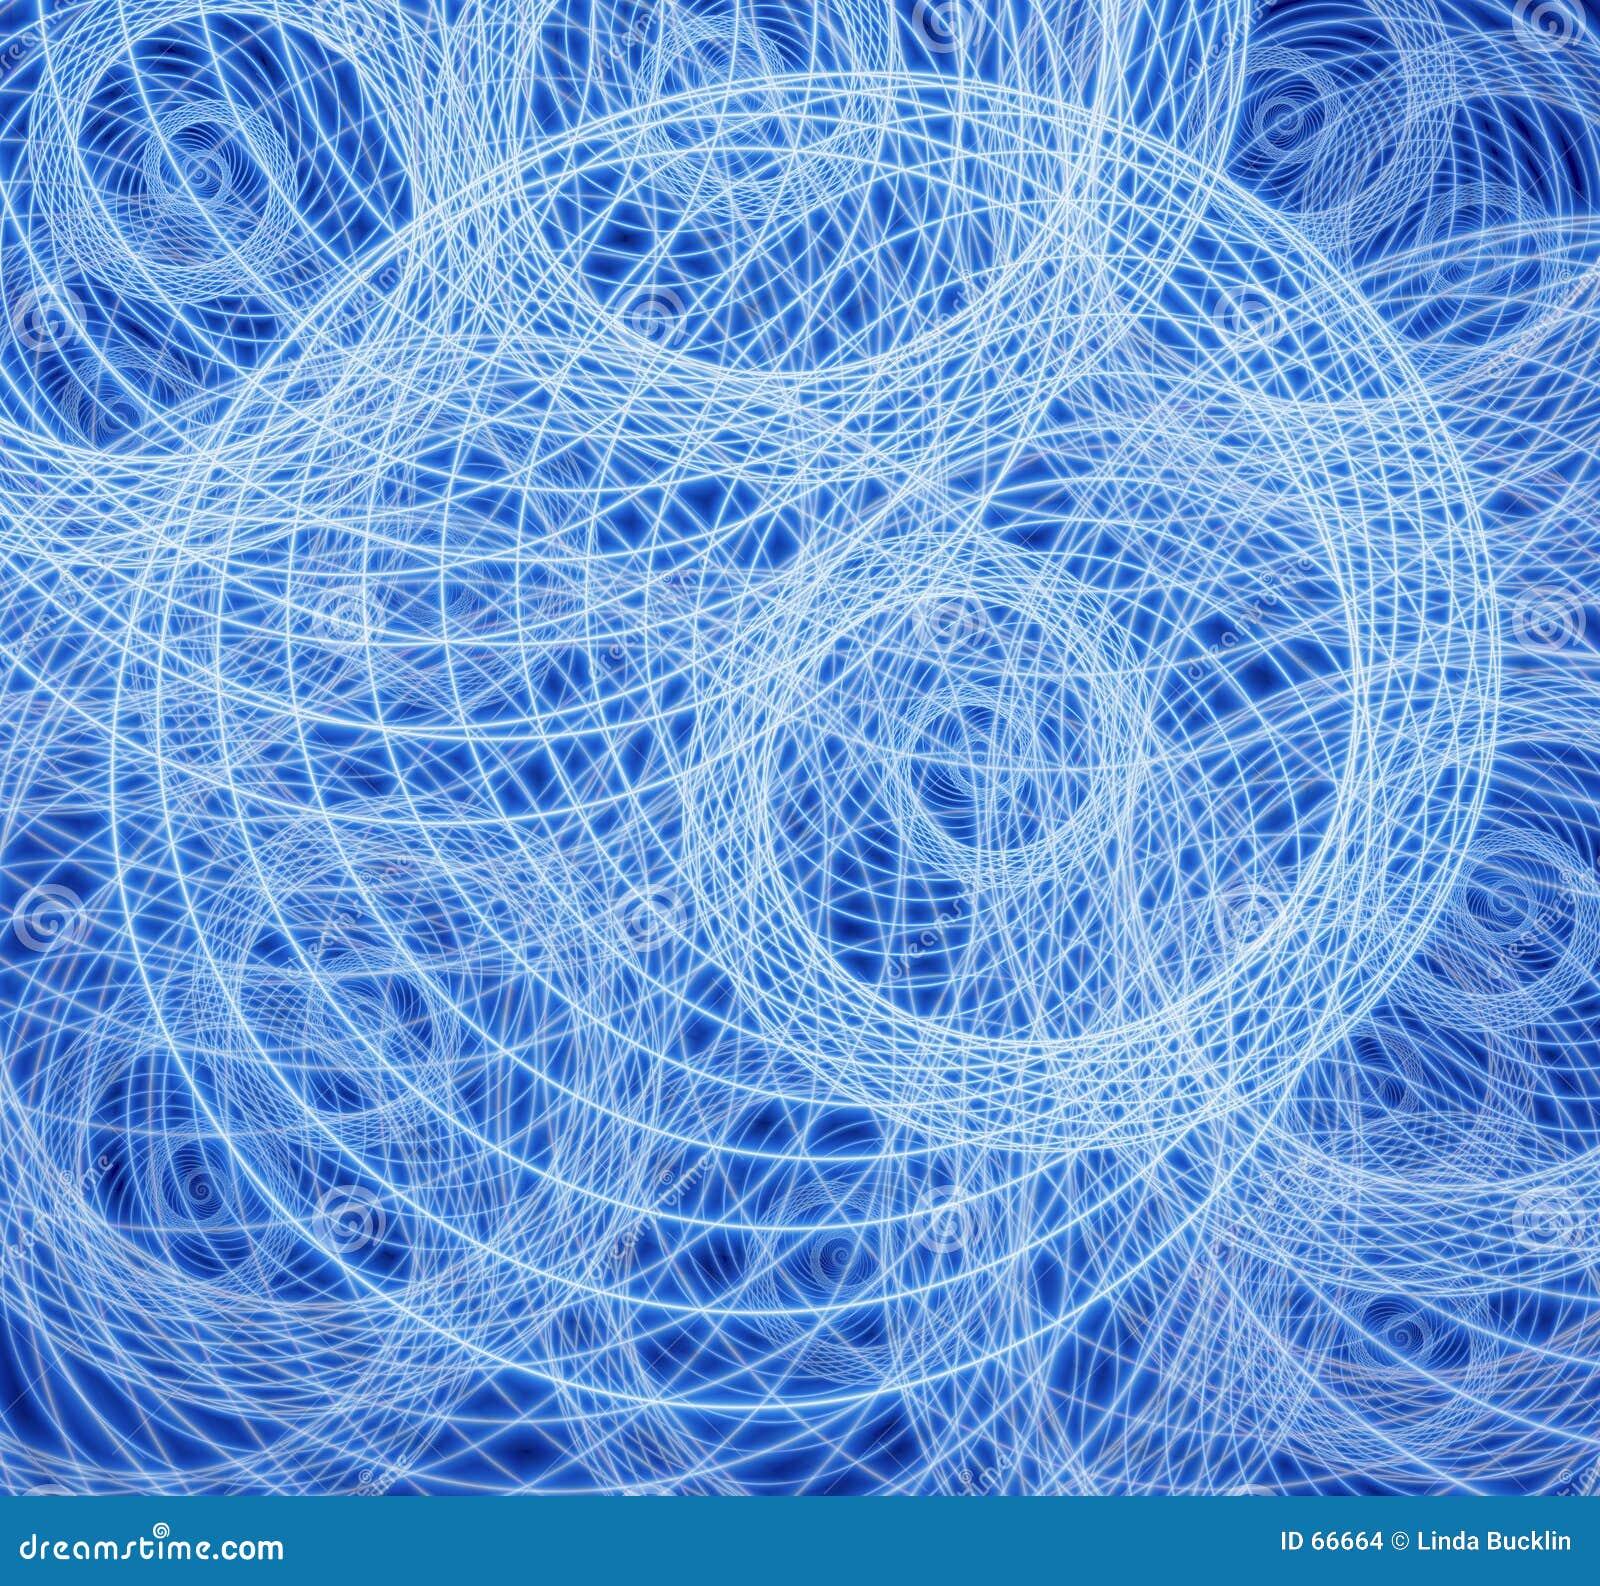 La fractale se développe en spirales configuration